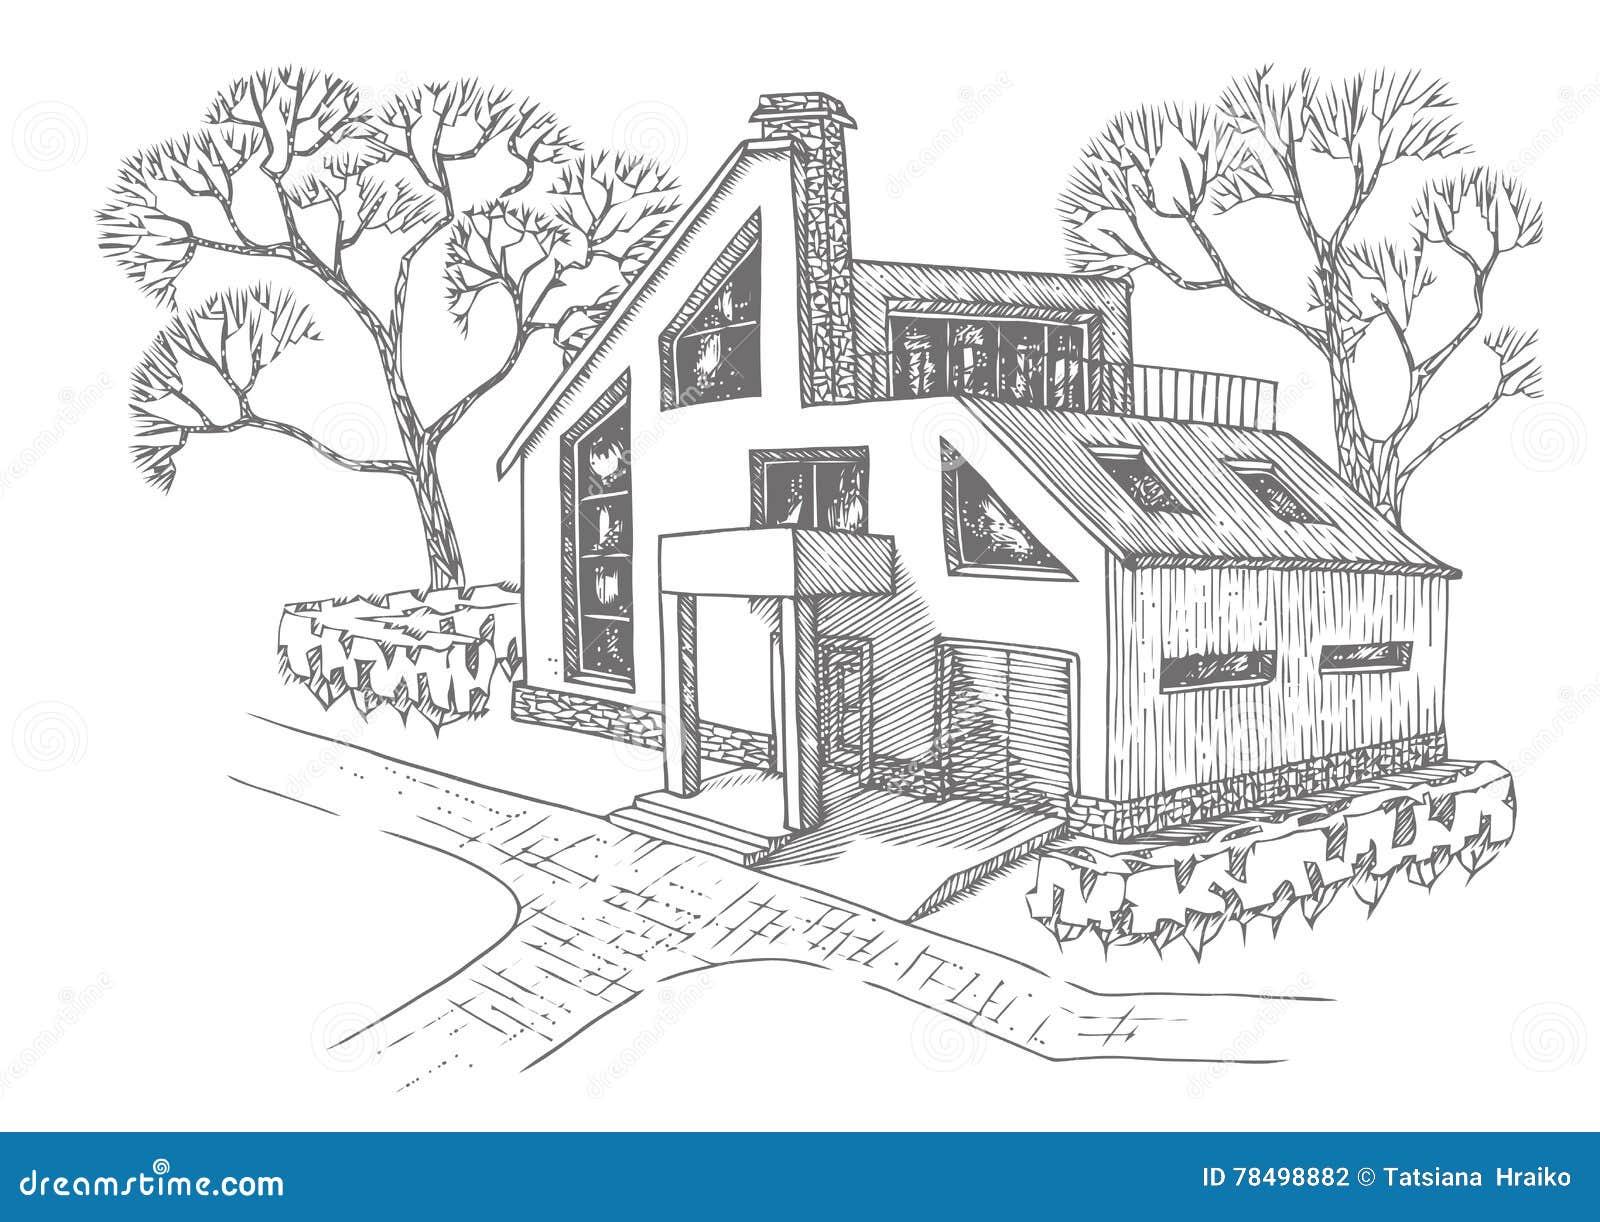 maison moderne avec le garage le grenier et la terrasse cottage avec lamnagement - Maison Moderne Dessin